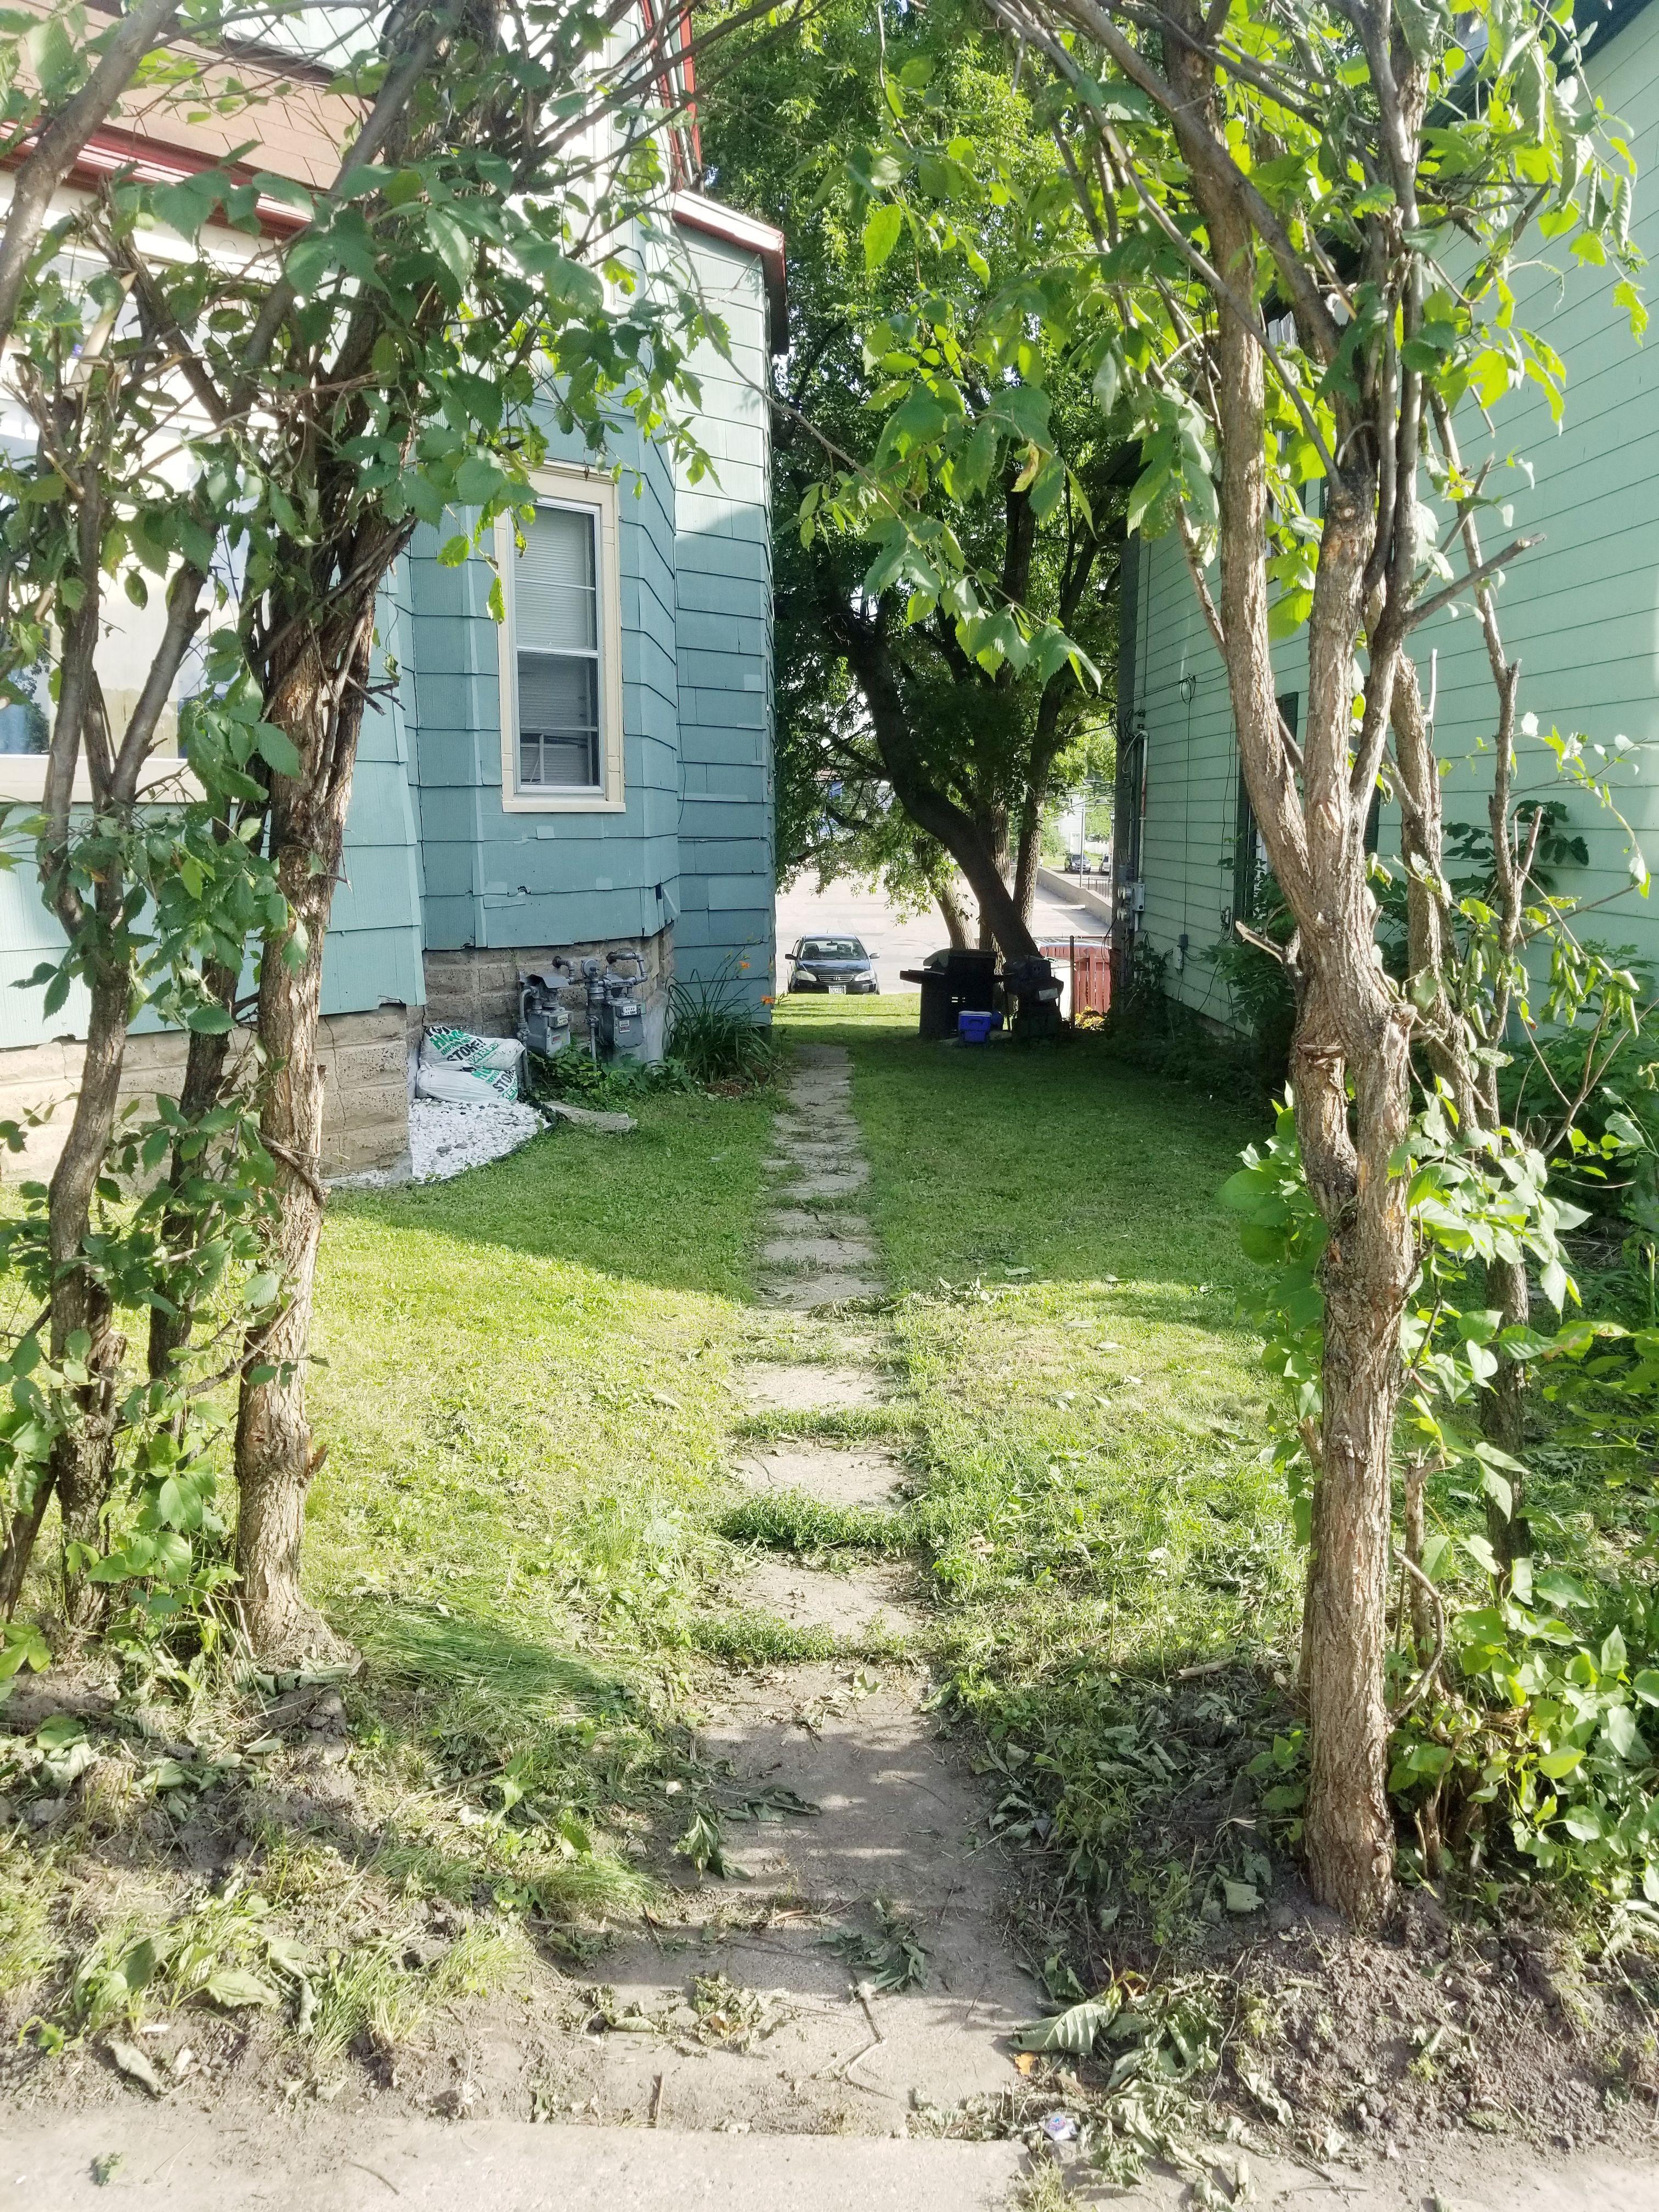 662 Lawson Ave E (Image - 2)